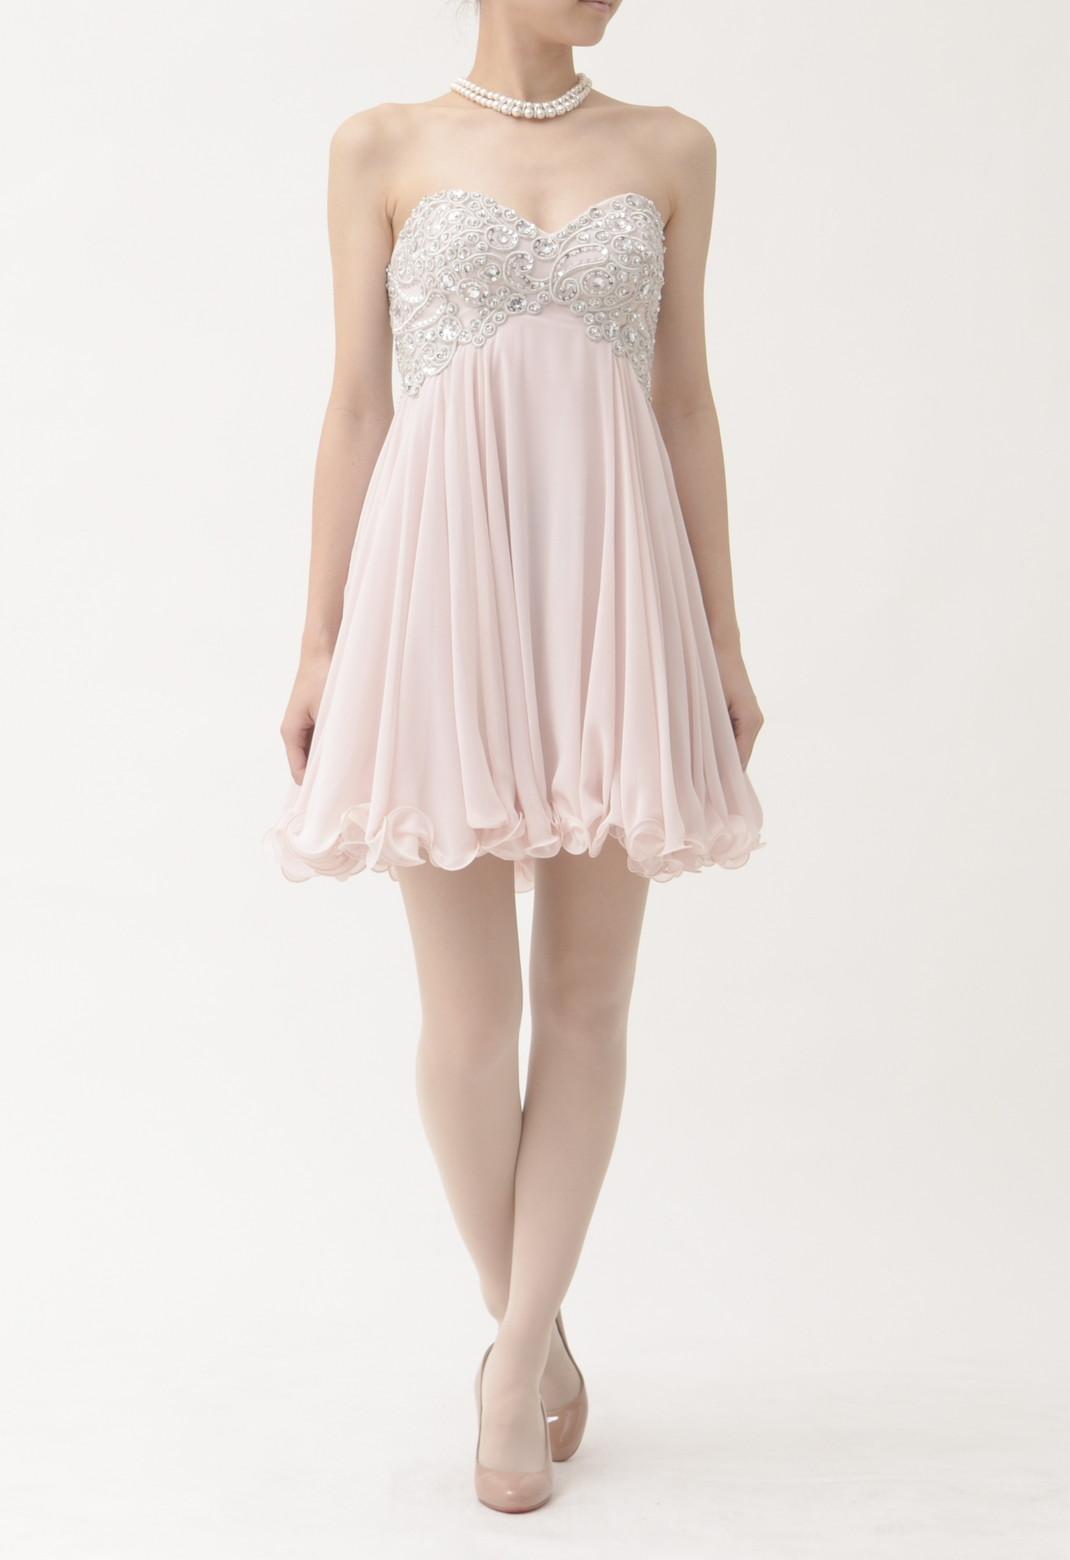 スパンコール×刺繍 ストラップレス ドレス